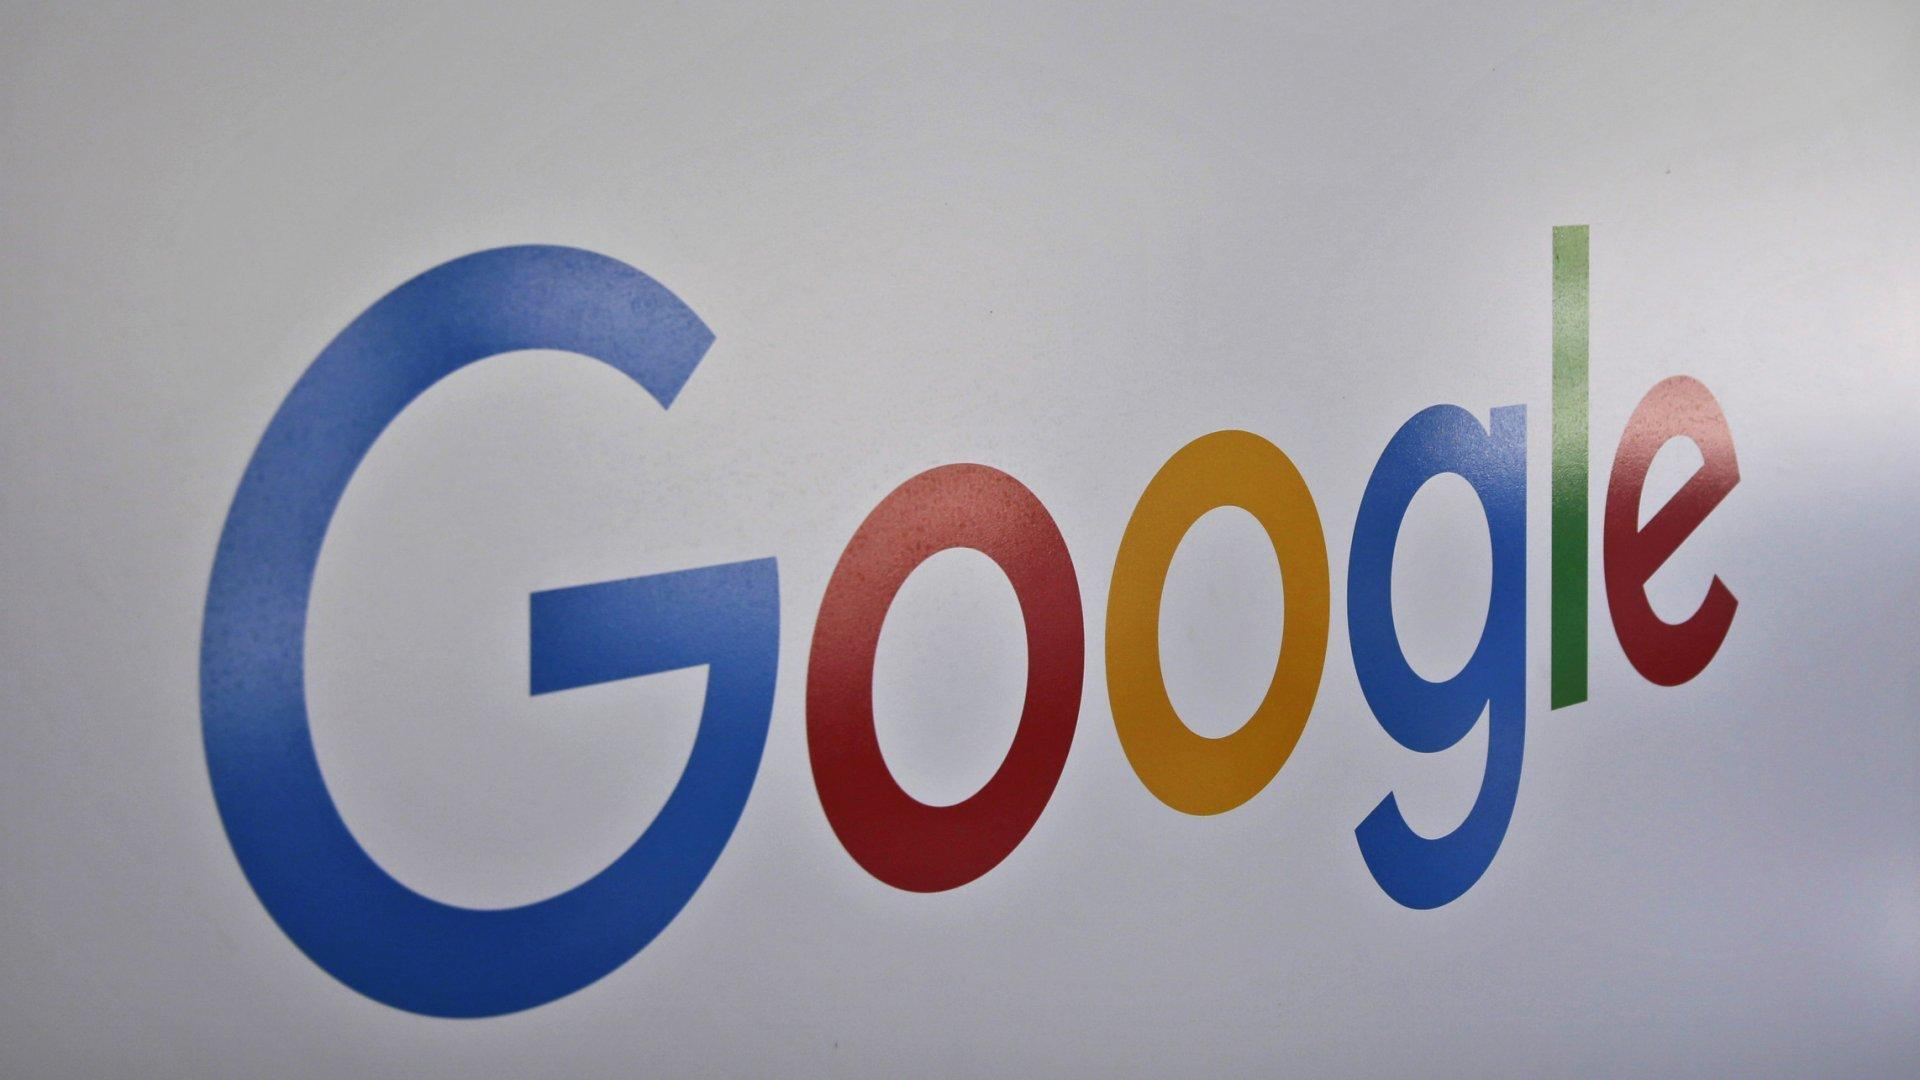 Tidligere Google-ansatt tiltalt for tyveri av forretningshemmeligheter